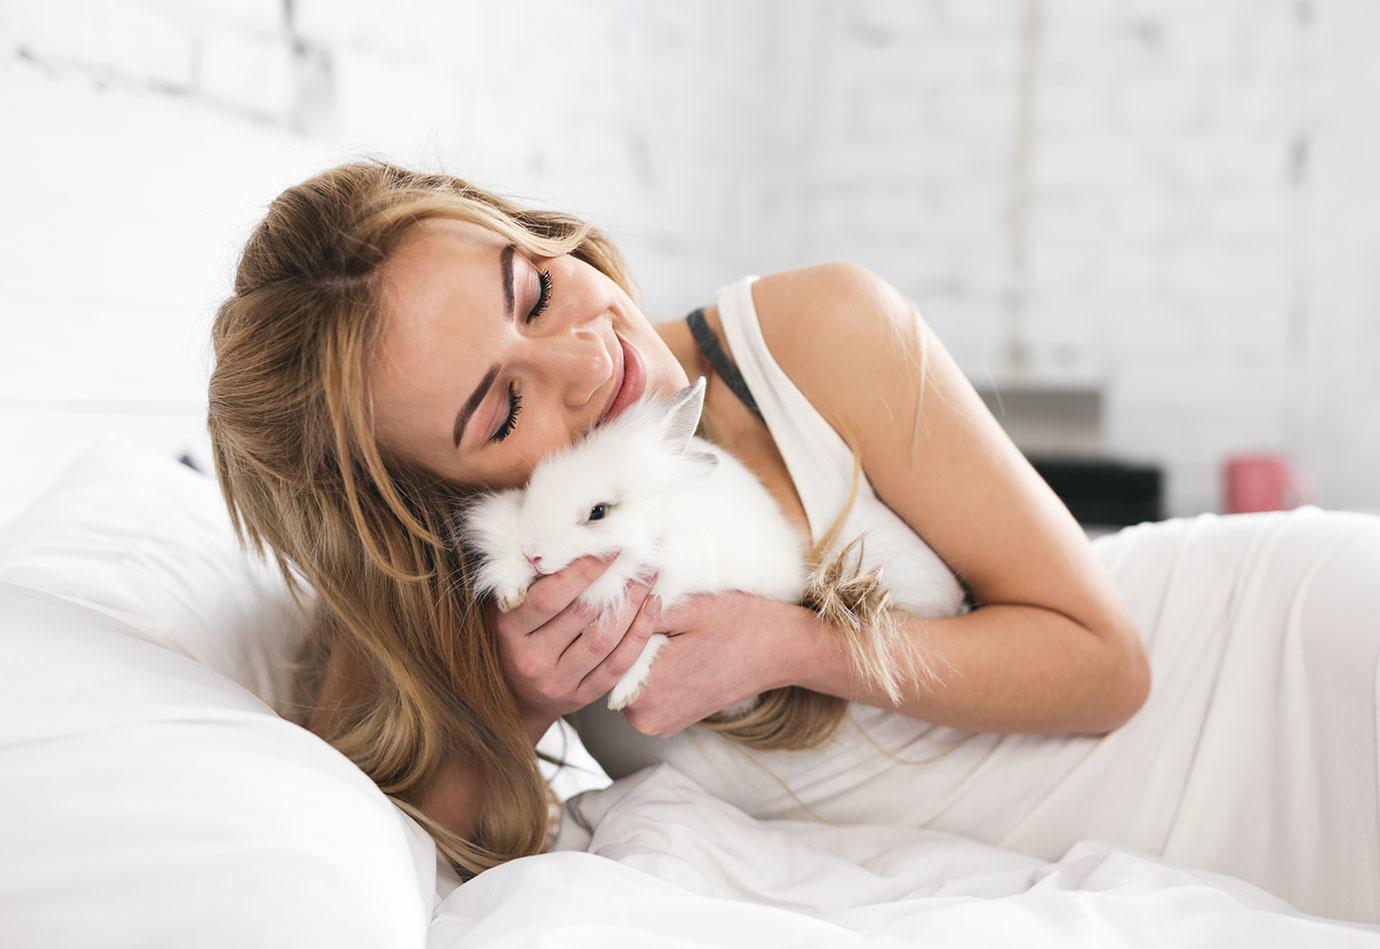 一人暮らしのペットにうさぎがおすすめの理由と賃貸で飼うときのポイント